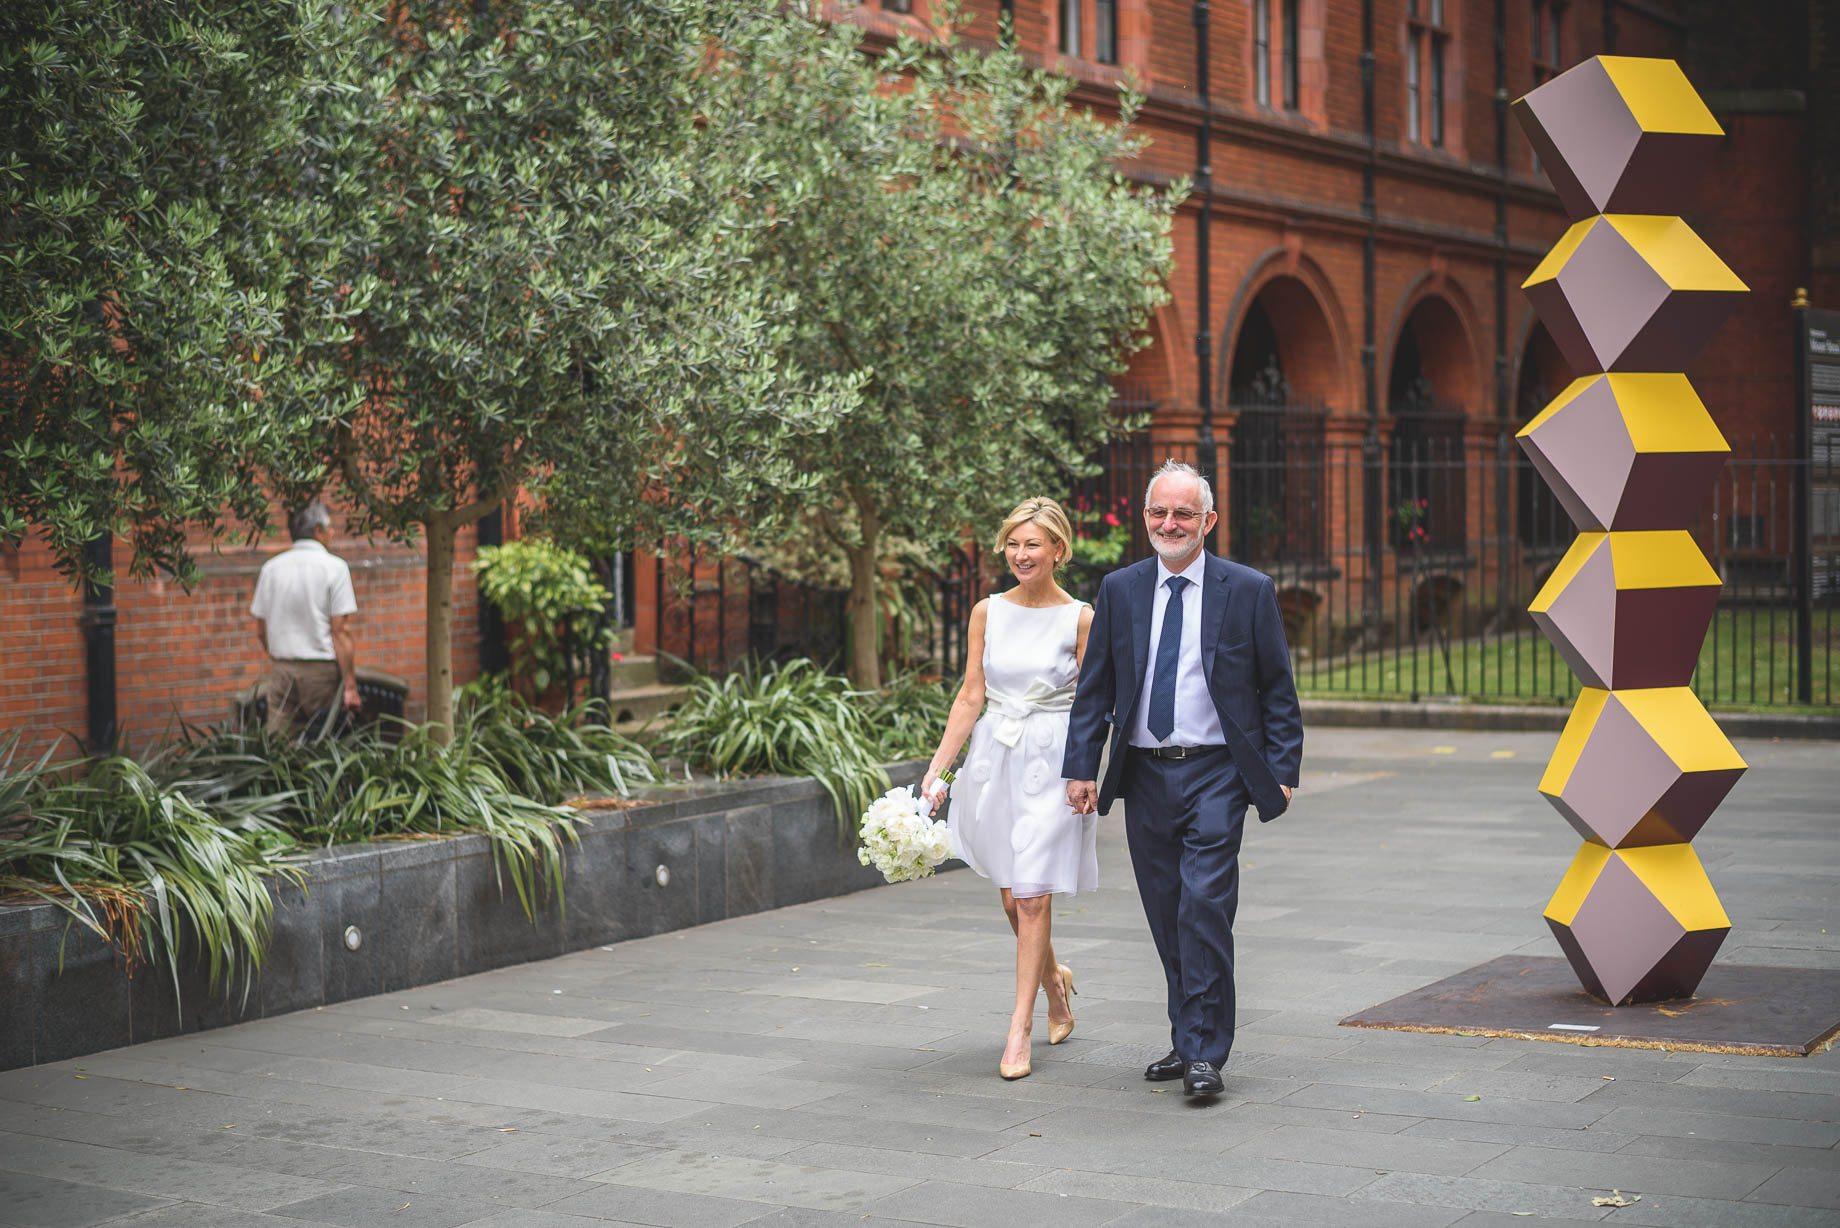 Mayfair wedding photography - Allison and Eugene (59 of 94)